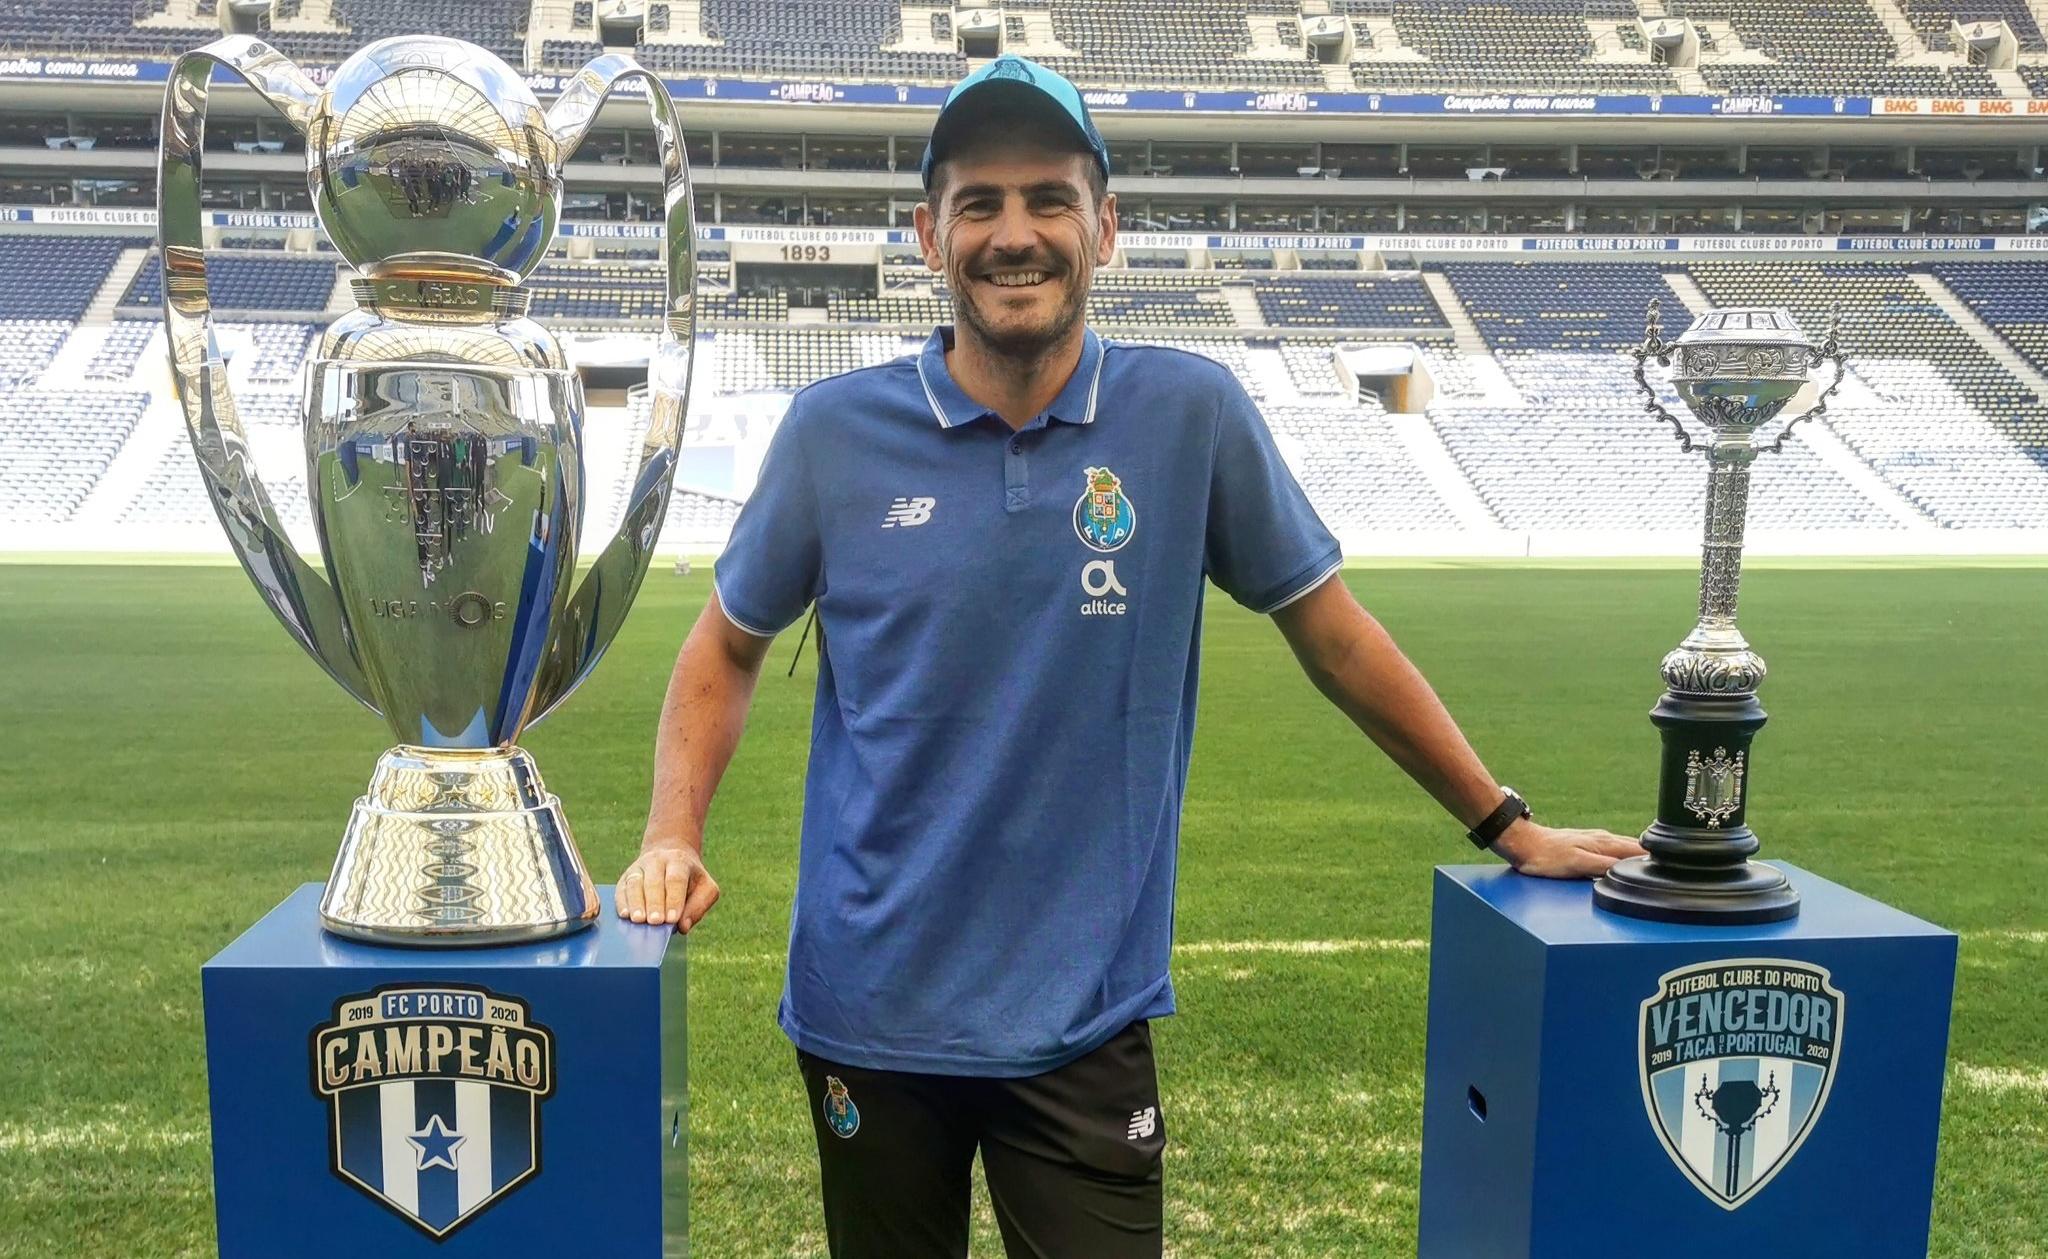 Legenda Reala i svjetskog fudbala zvanično završila karijeru